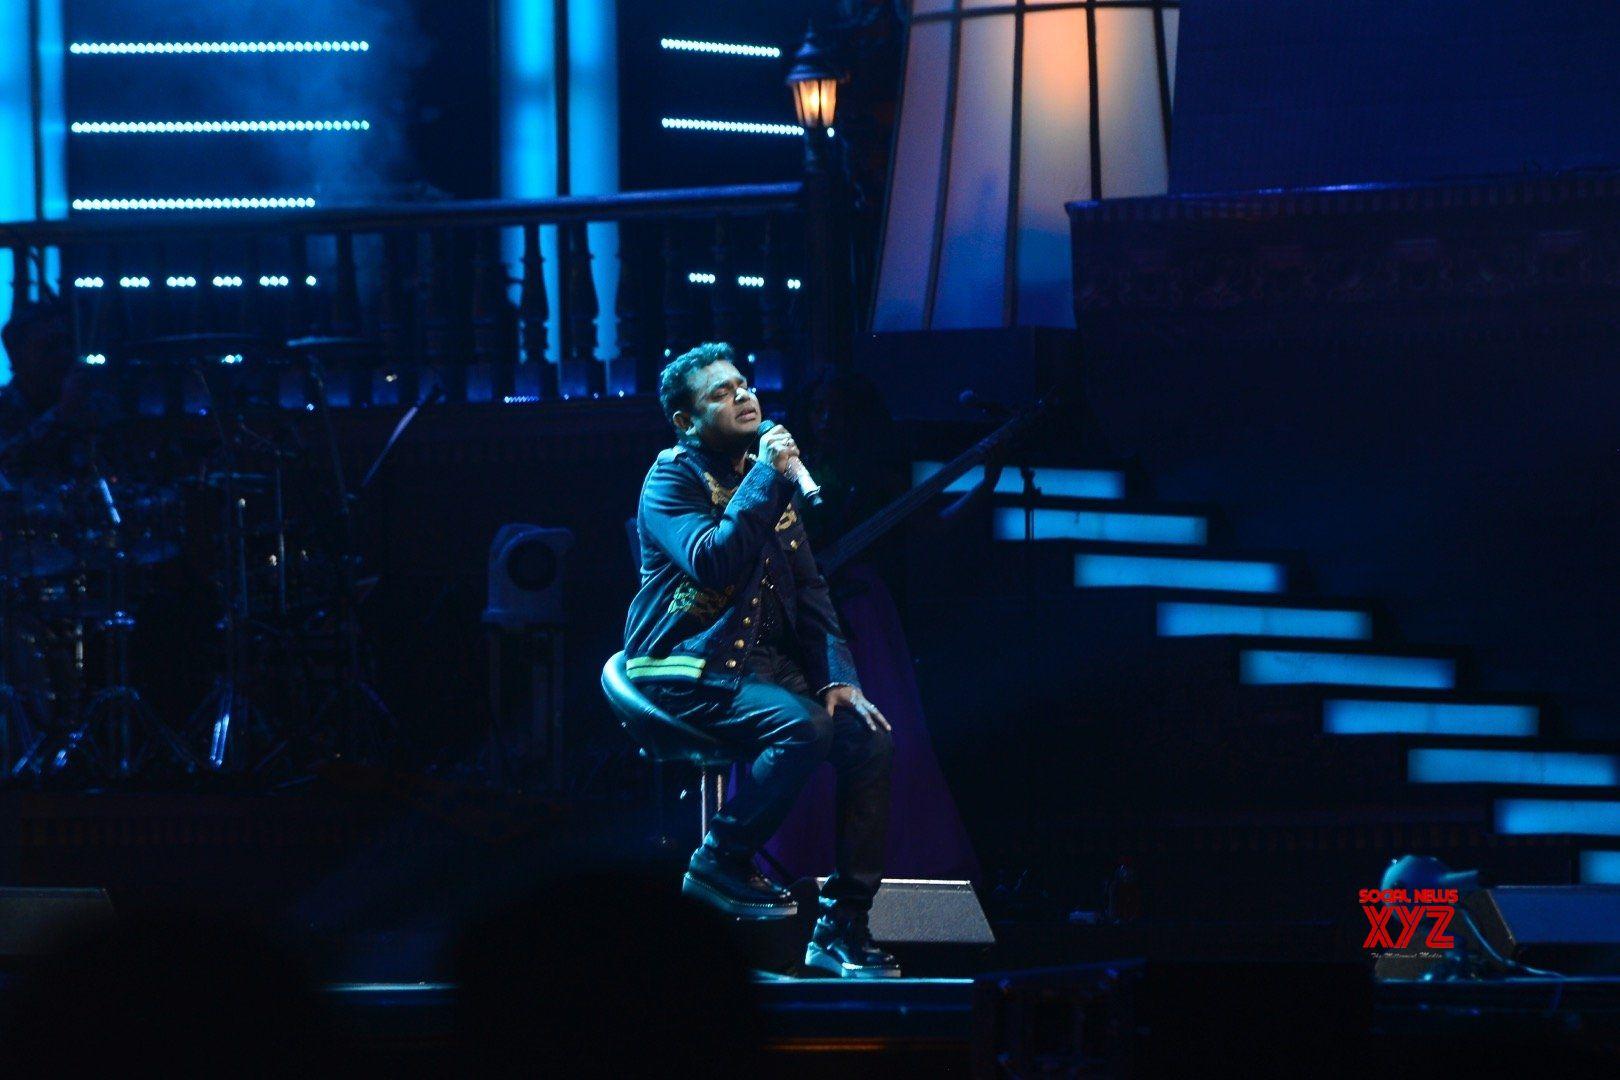 'Jazbaa' singer collaborates with Rahman